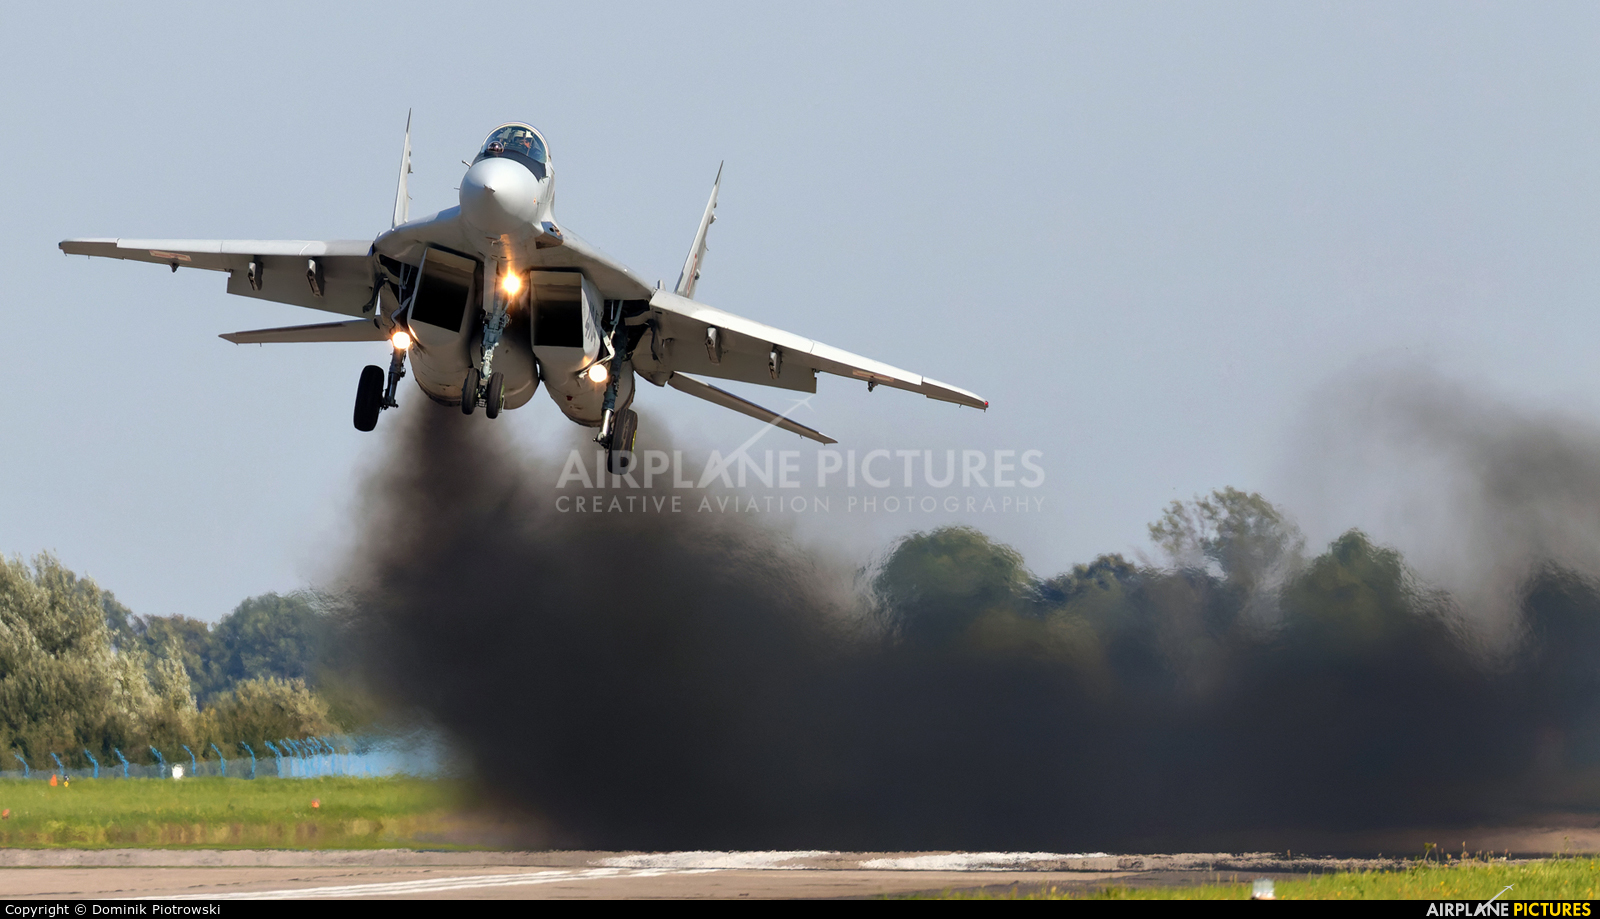 Poland - Air Force 4104 aircraft at Malbork